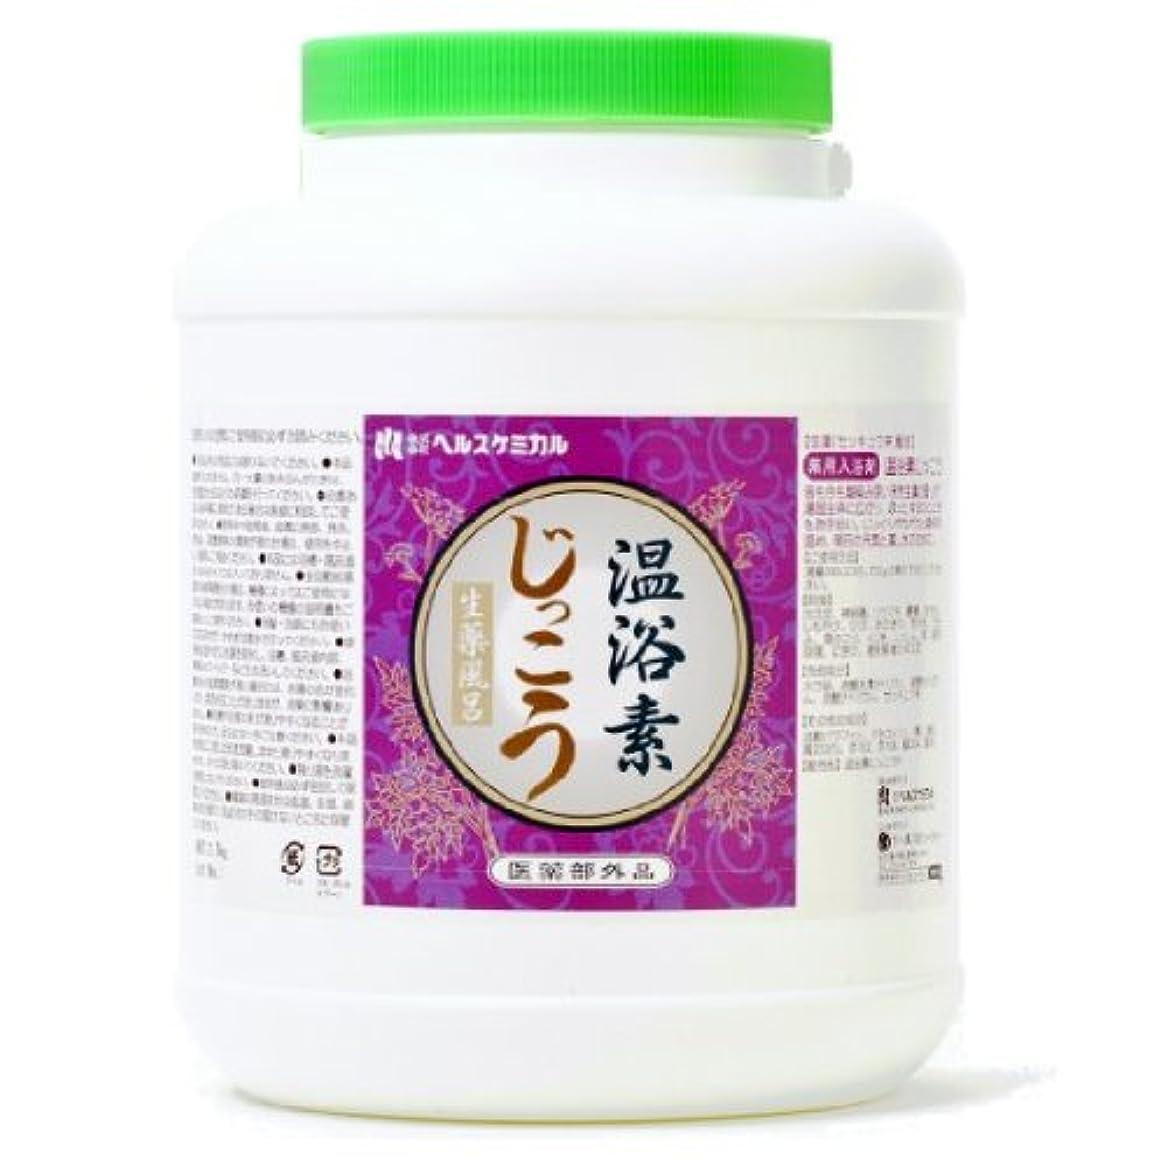 安定したぐったり変更可能温浴素 じっこう 2.5kg 約125回分 粉末 生薬 薬湯 医薬部外品 ロングセラー 天然生薬 の 香り